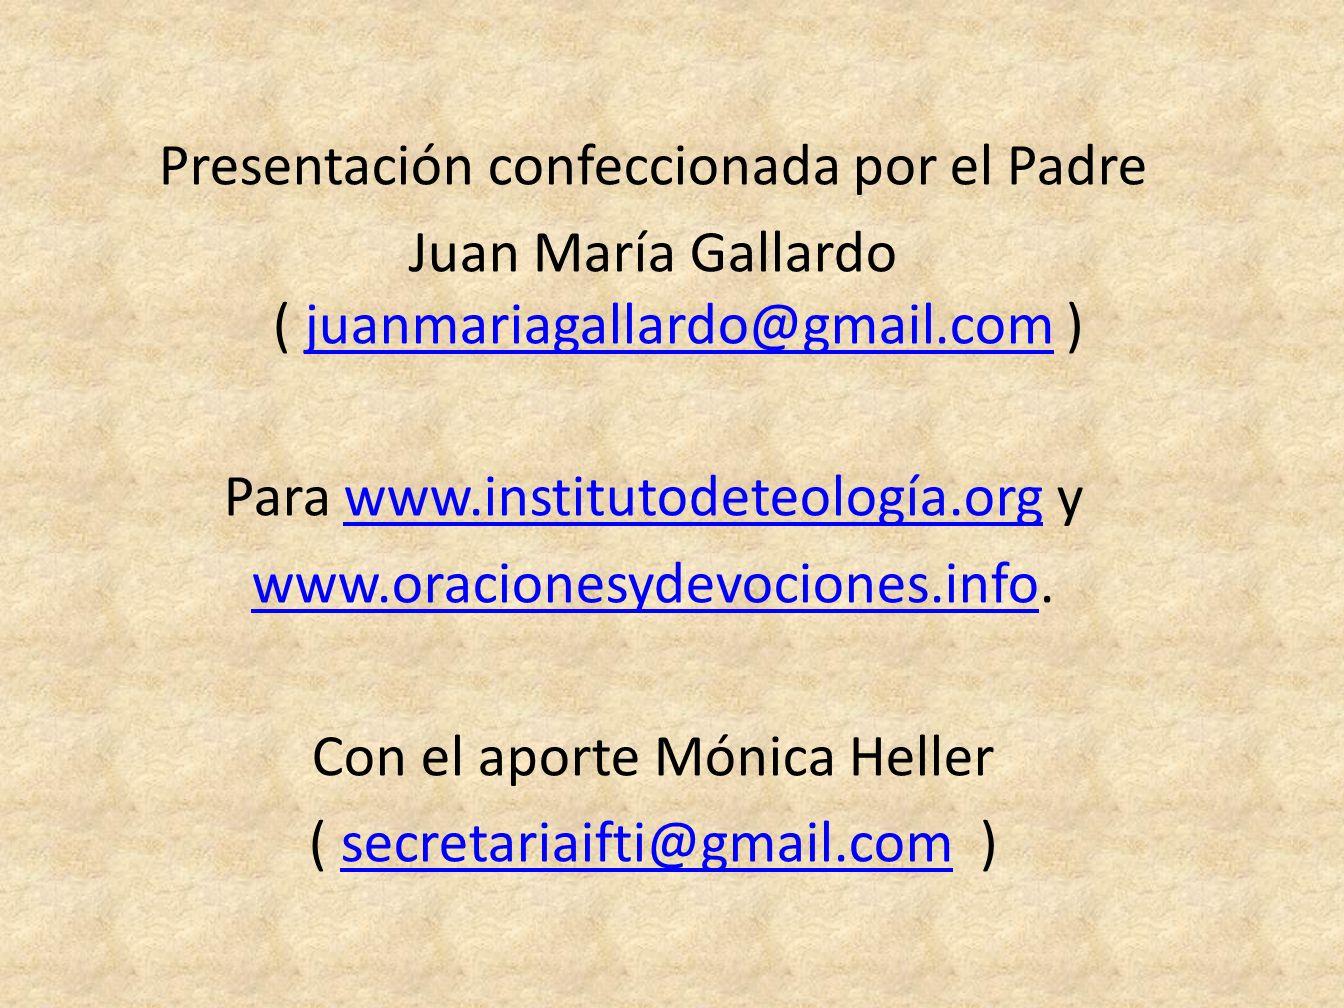 Presentación confeccionada por el Padre Juan María Gallardo ( juanmariagallardo@gmail.com )juanmariagallardo@gmail.com Para www.institutodeteología.or